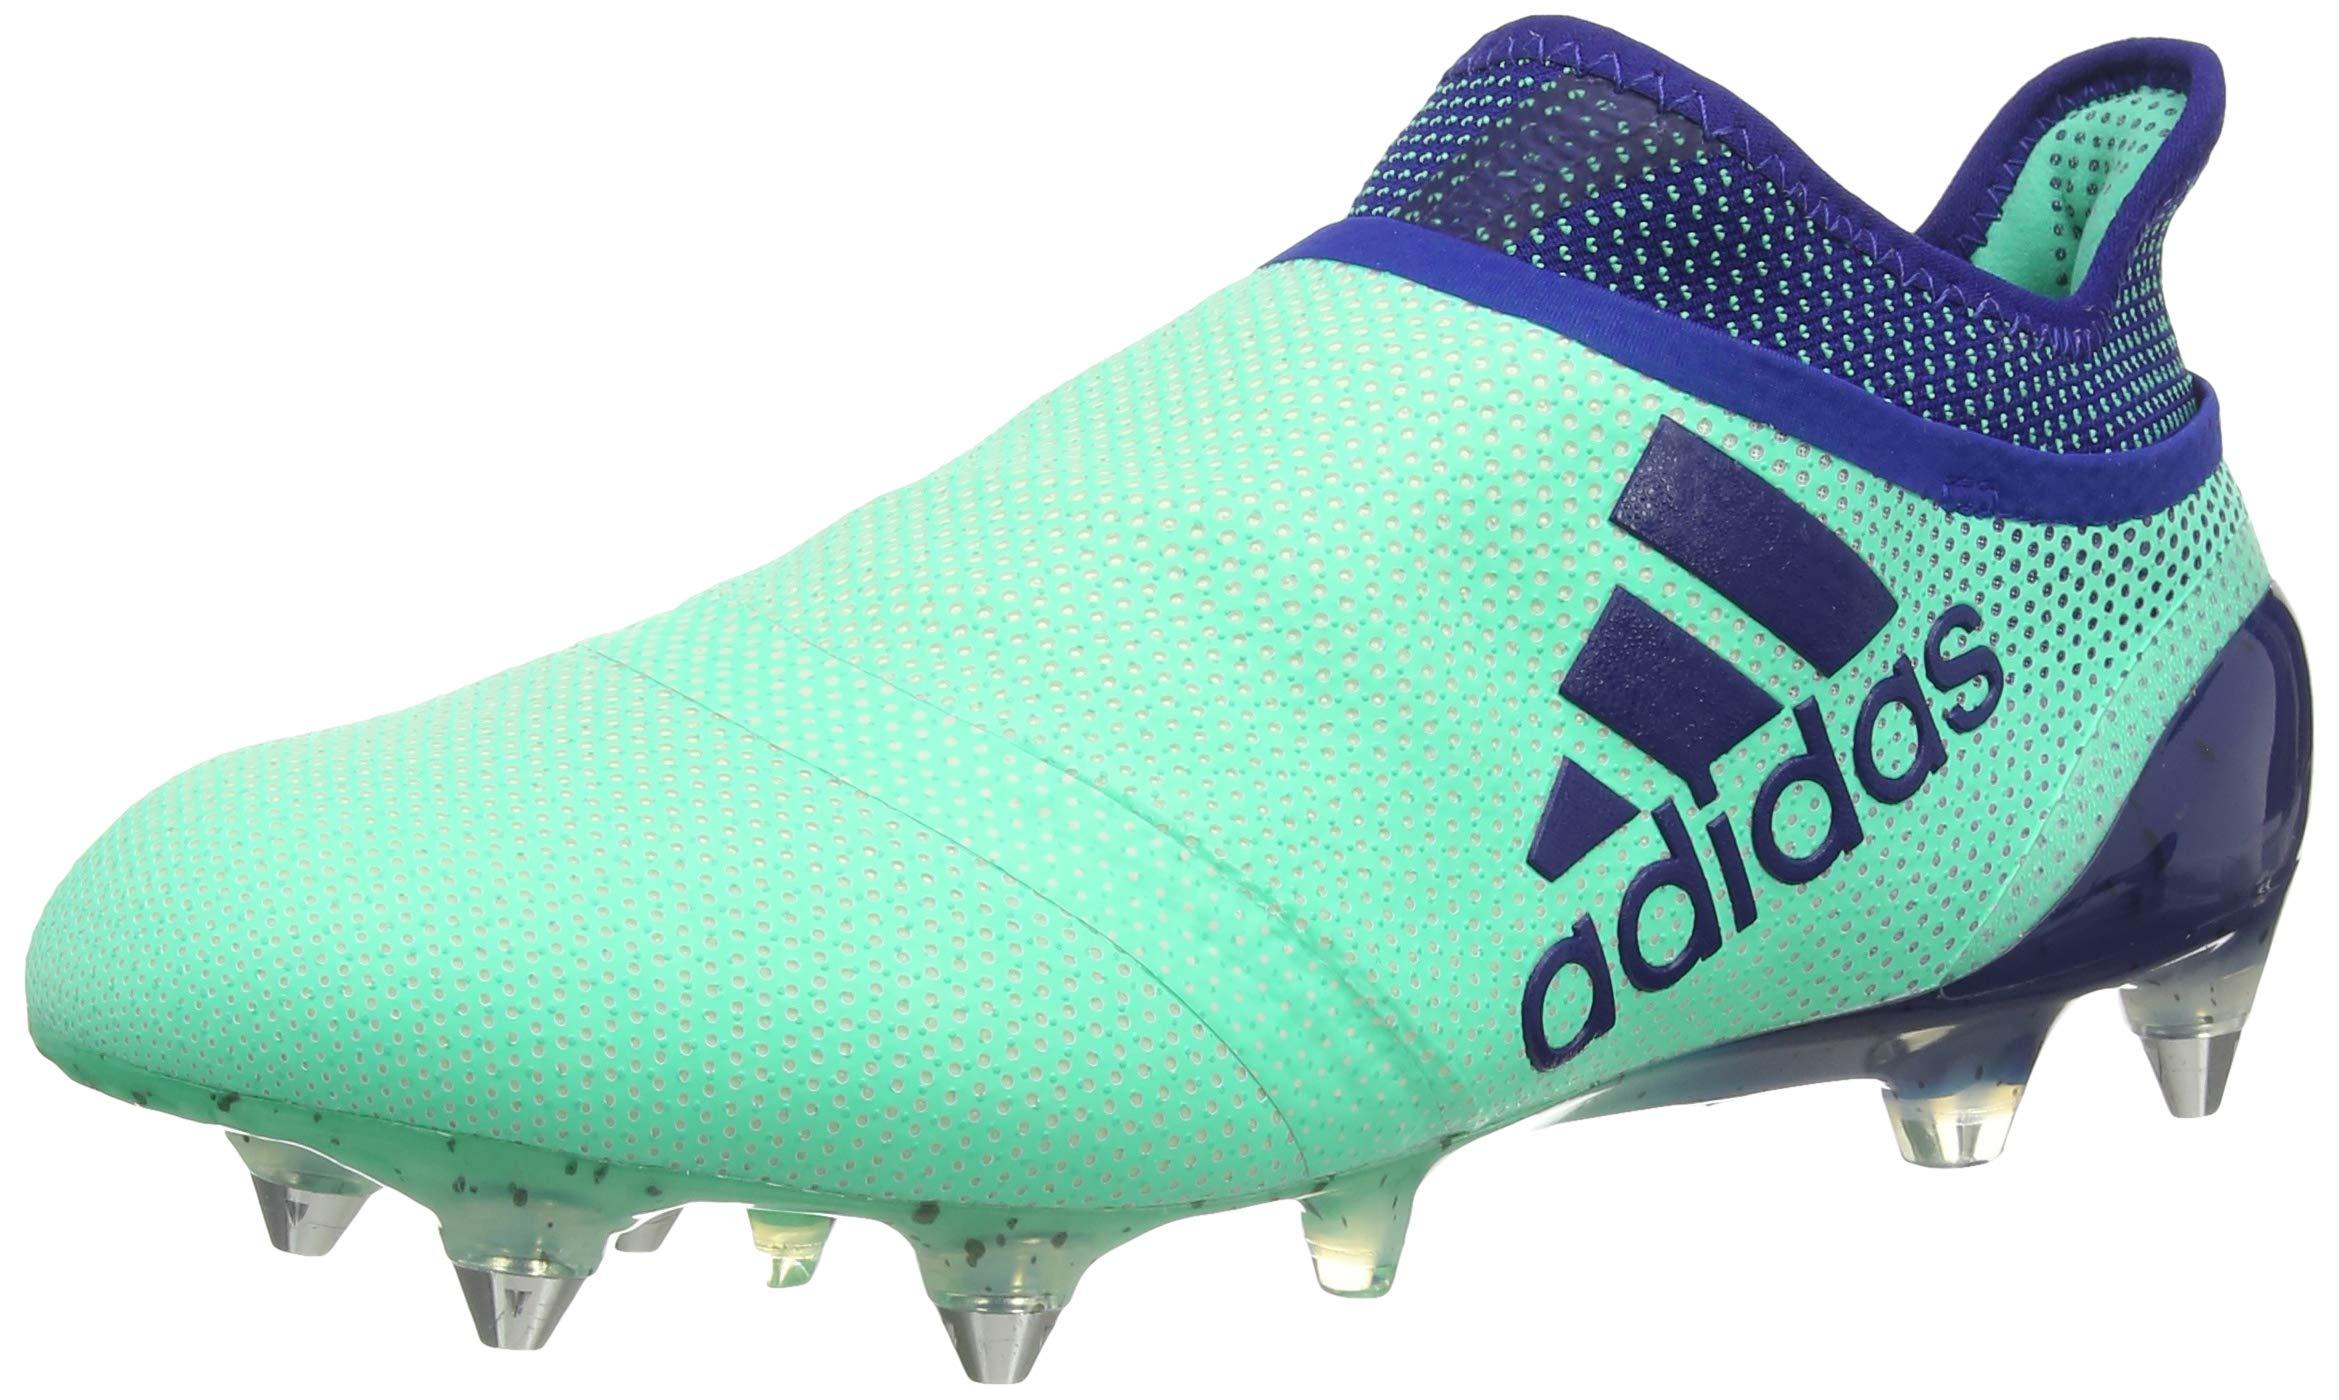 adidas X 17 SG, Chaussures de Football Homme, Vert (Aergrn/Uniink ...